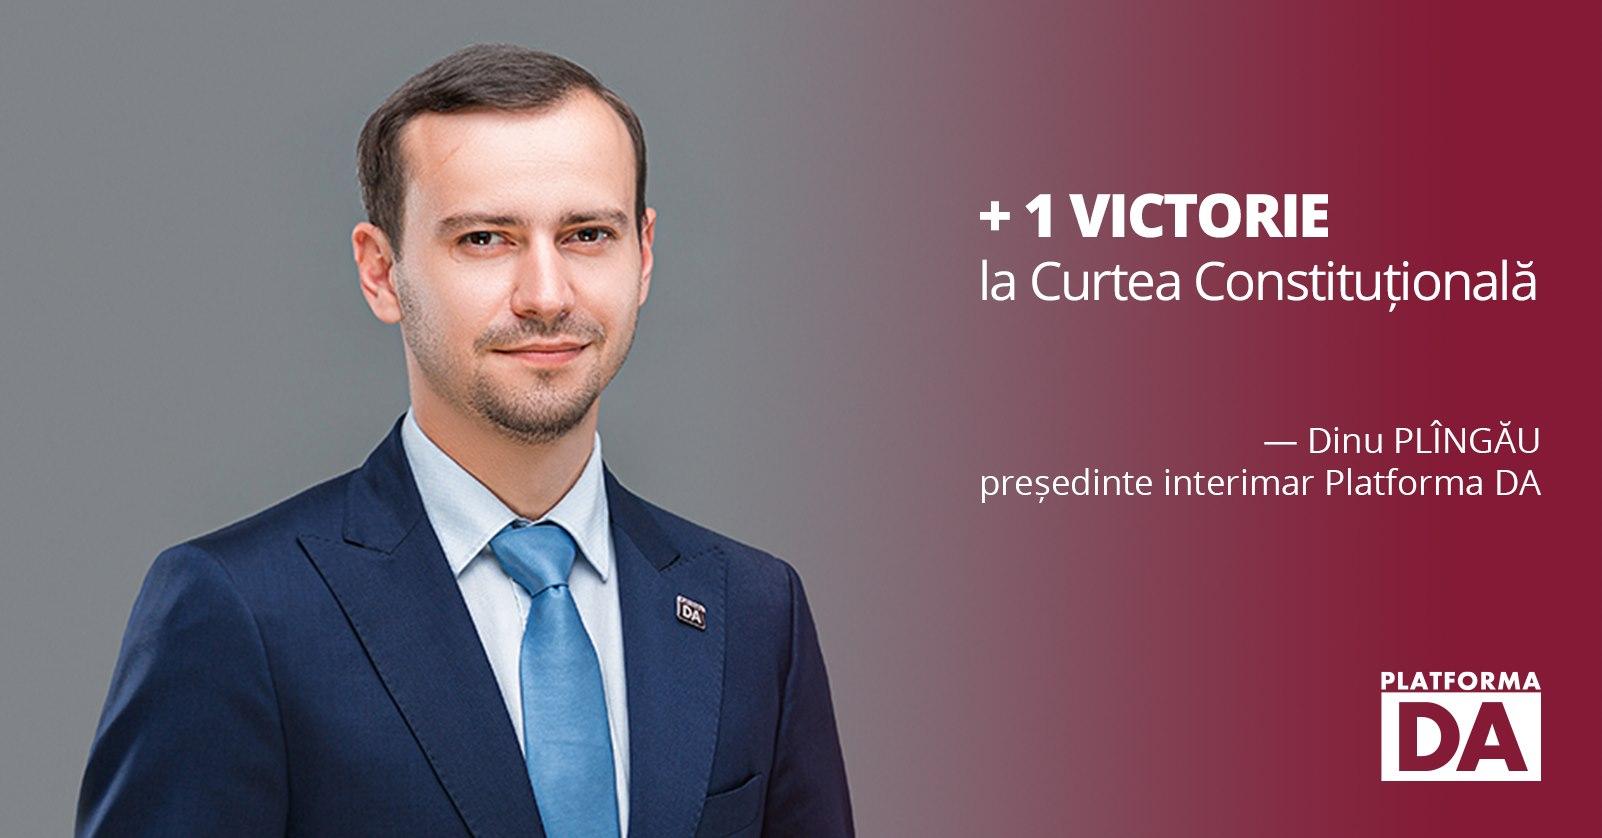 Dinu Plîngău și Platforma DA au câștigat din nou la Curtea Constituțională